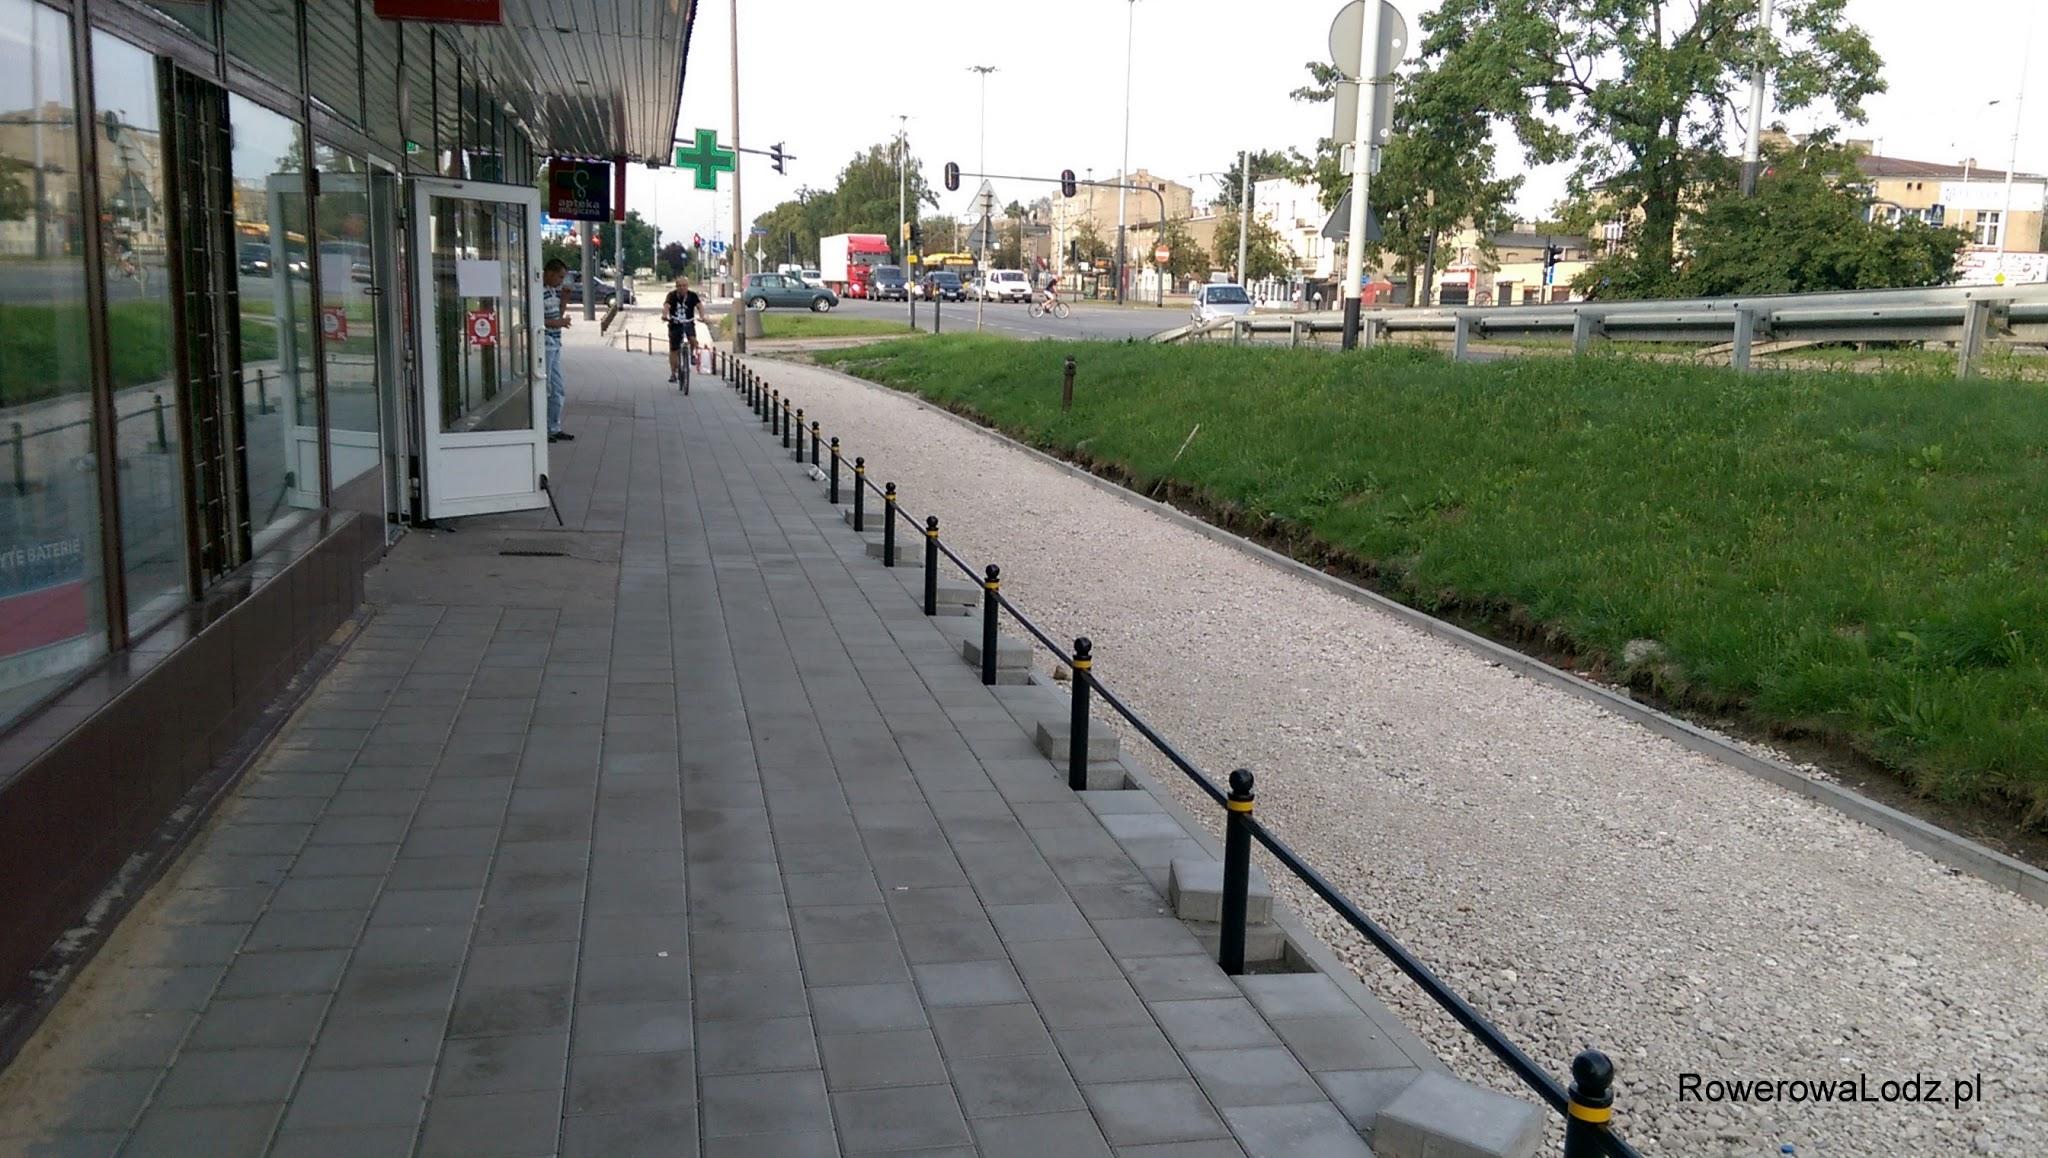 Że dla rowerzysty chcącego dostać się do punktów usługowych po lewej, będzie barierą, której można było uniknąć.